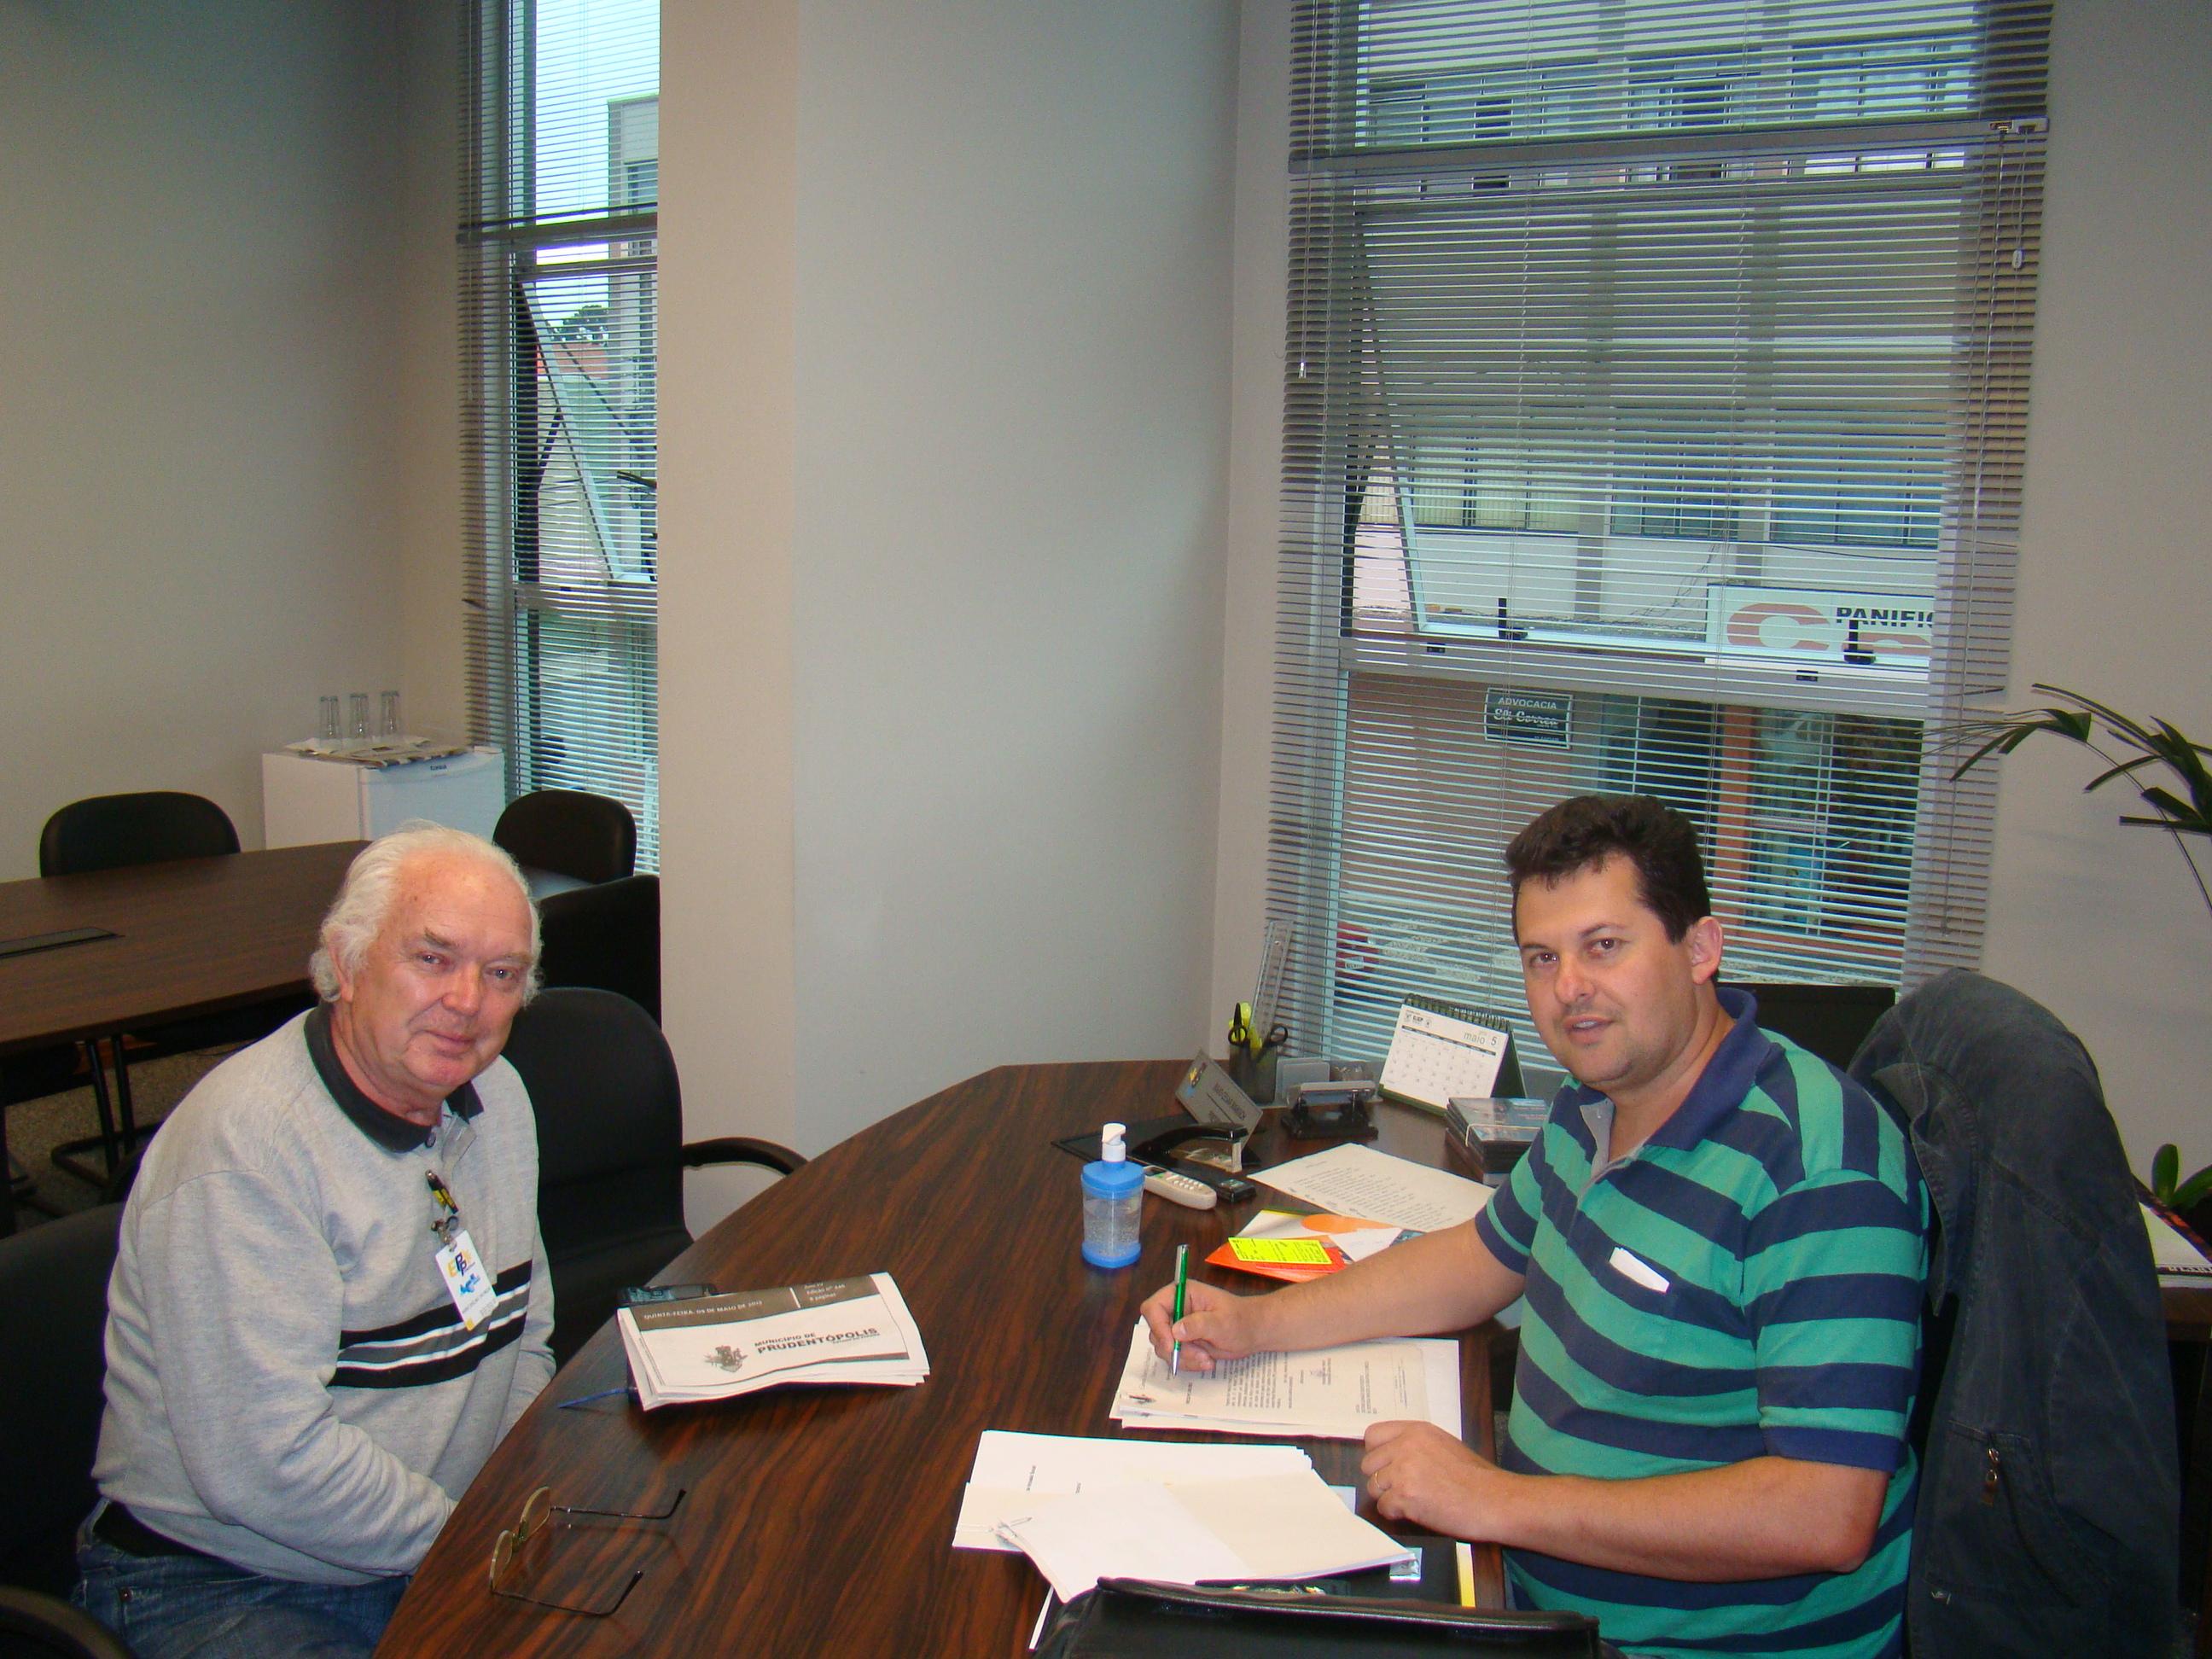 Miecislau Surek informou sobre a possibilidade de in�cio das obras da PCH Conflu�ncia ainda em 2013.